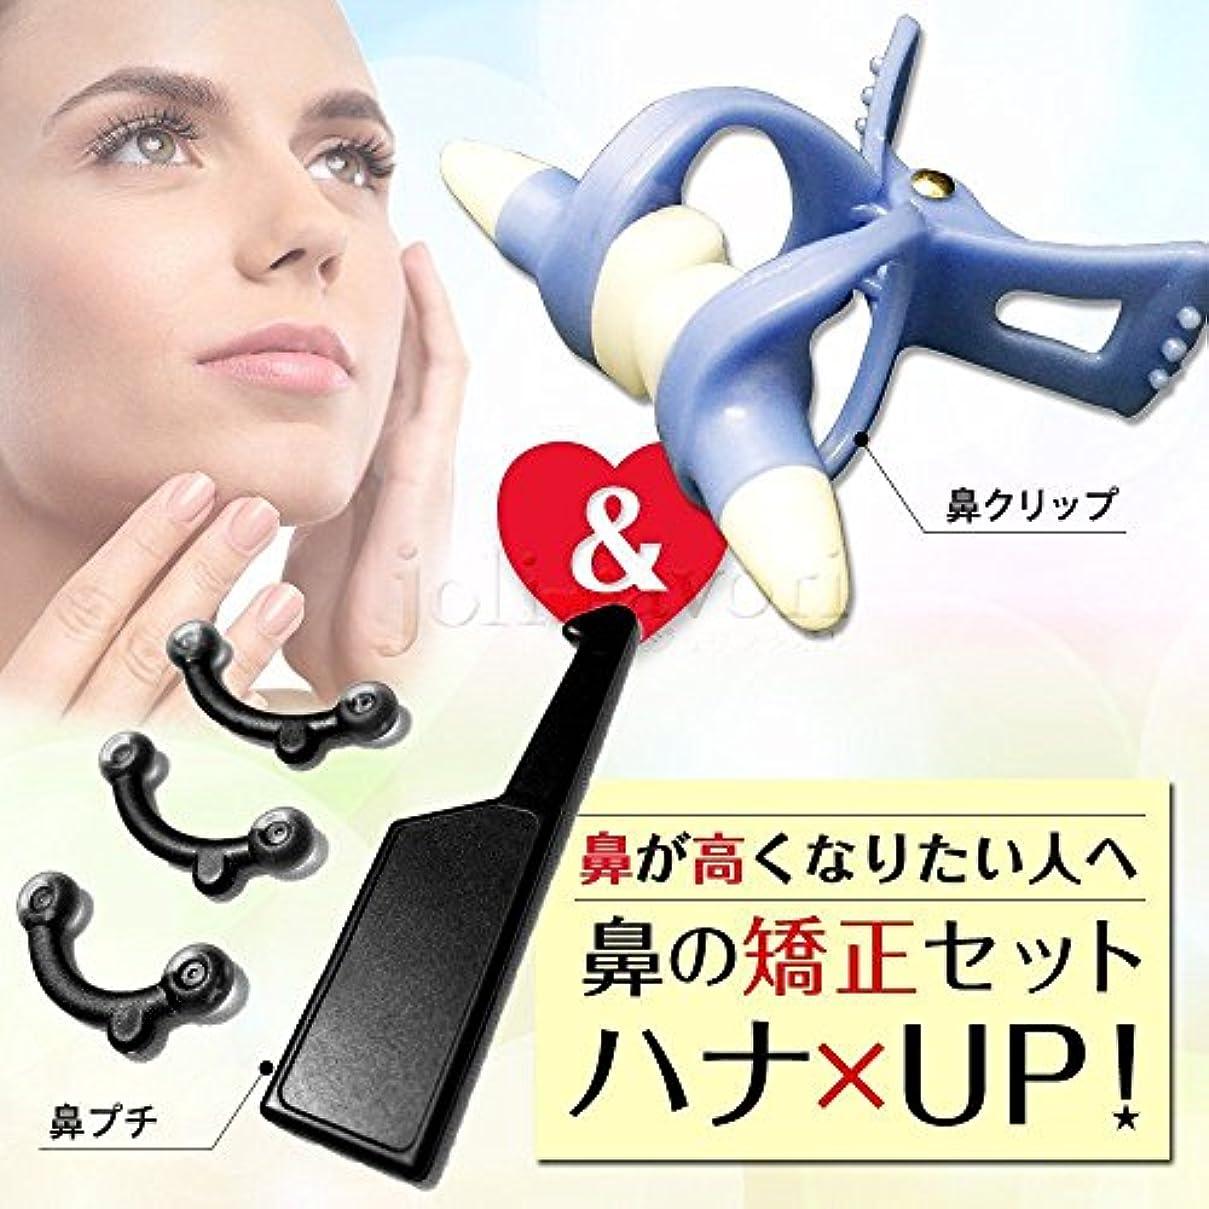 札入れ死の顎エアコン【jolifavori】鼻プチ&ノーズアップ 着けるだけ簡単!鼻メイク矯正セット